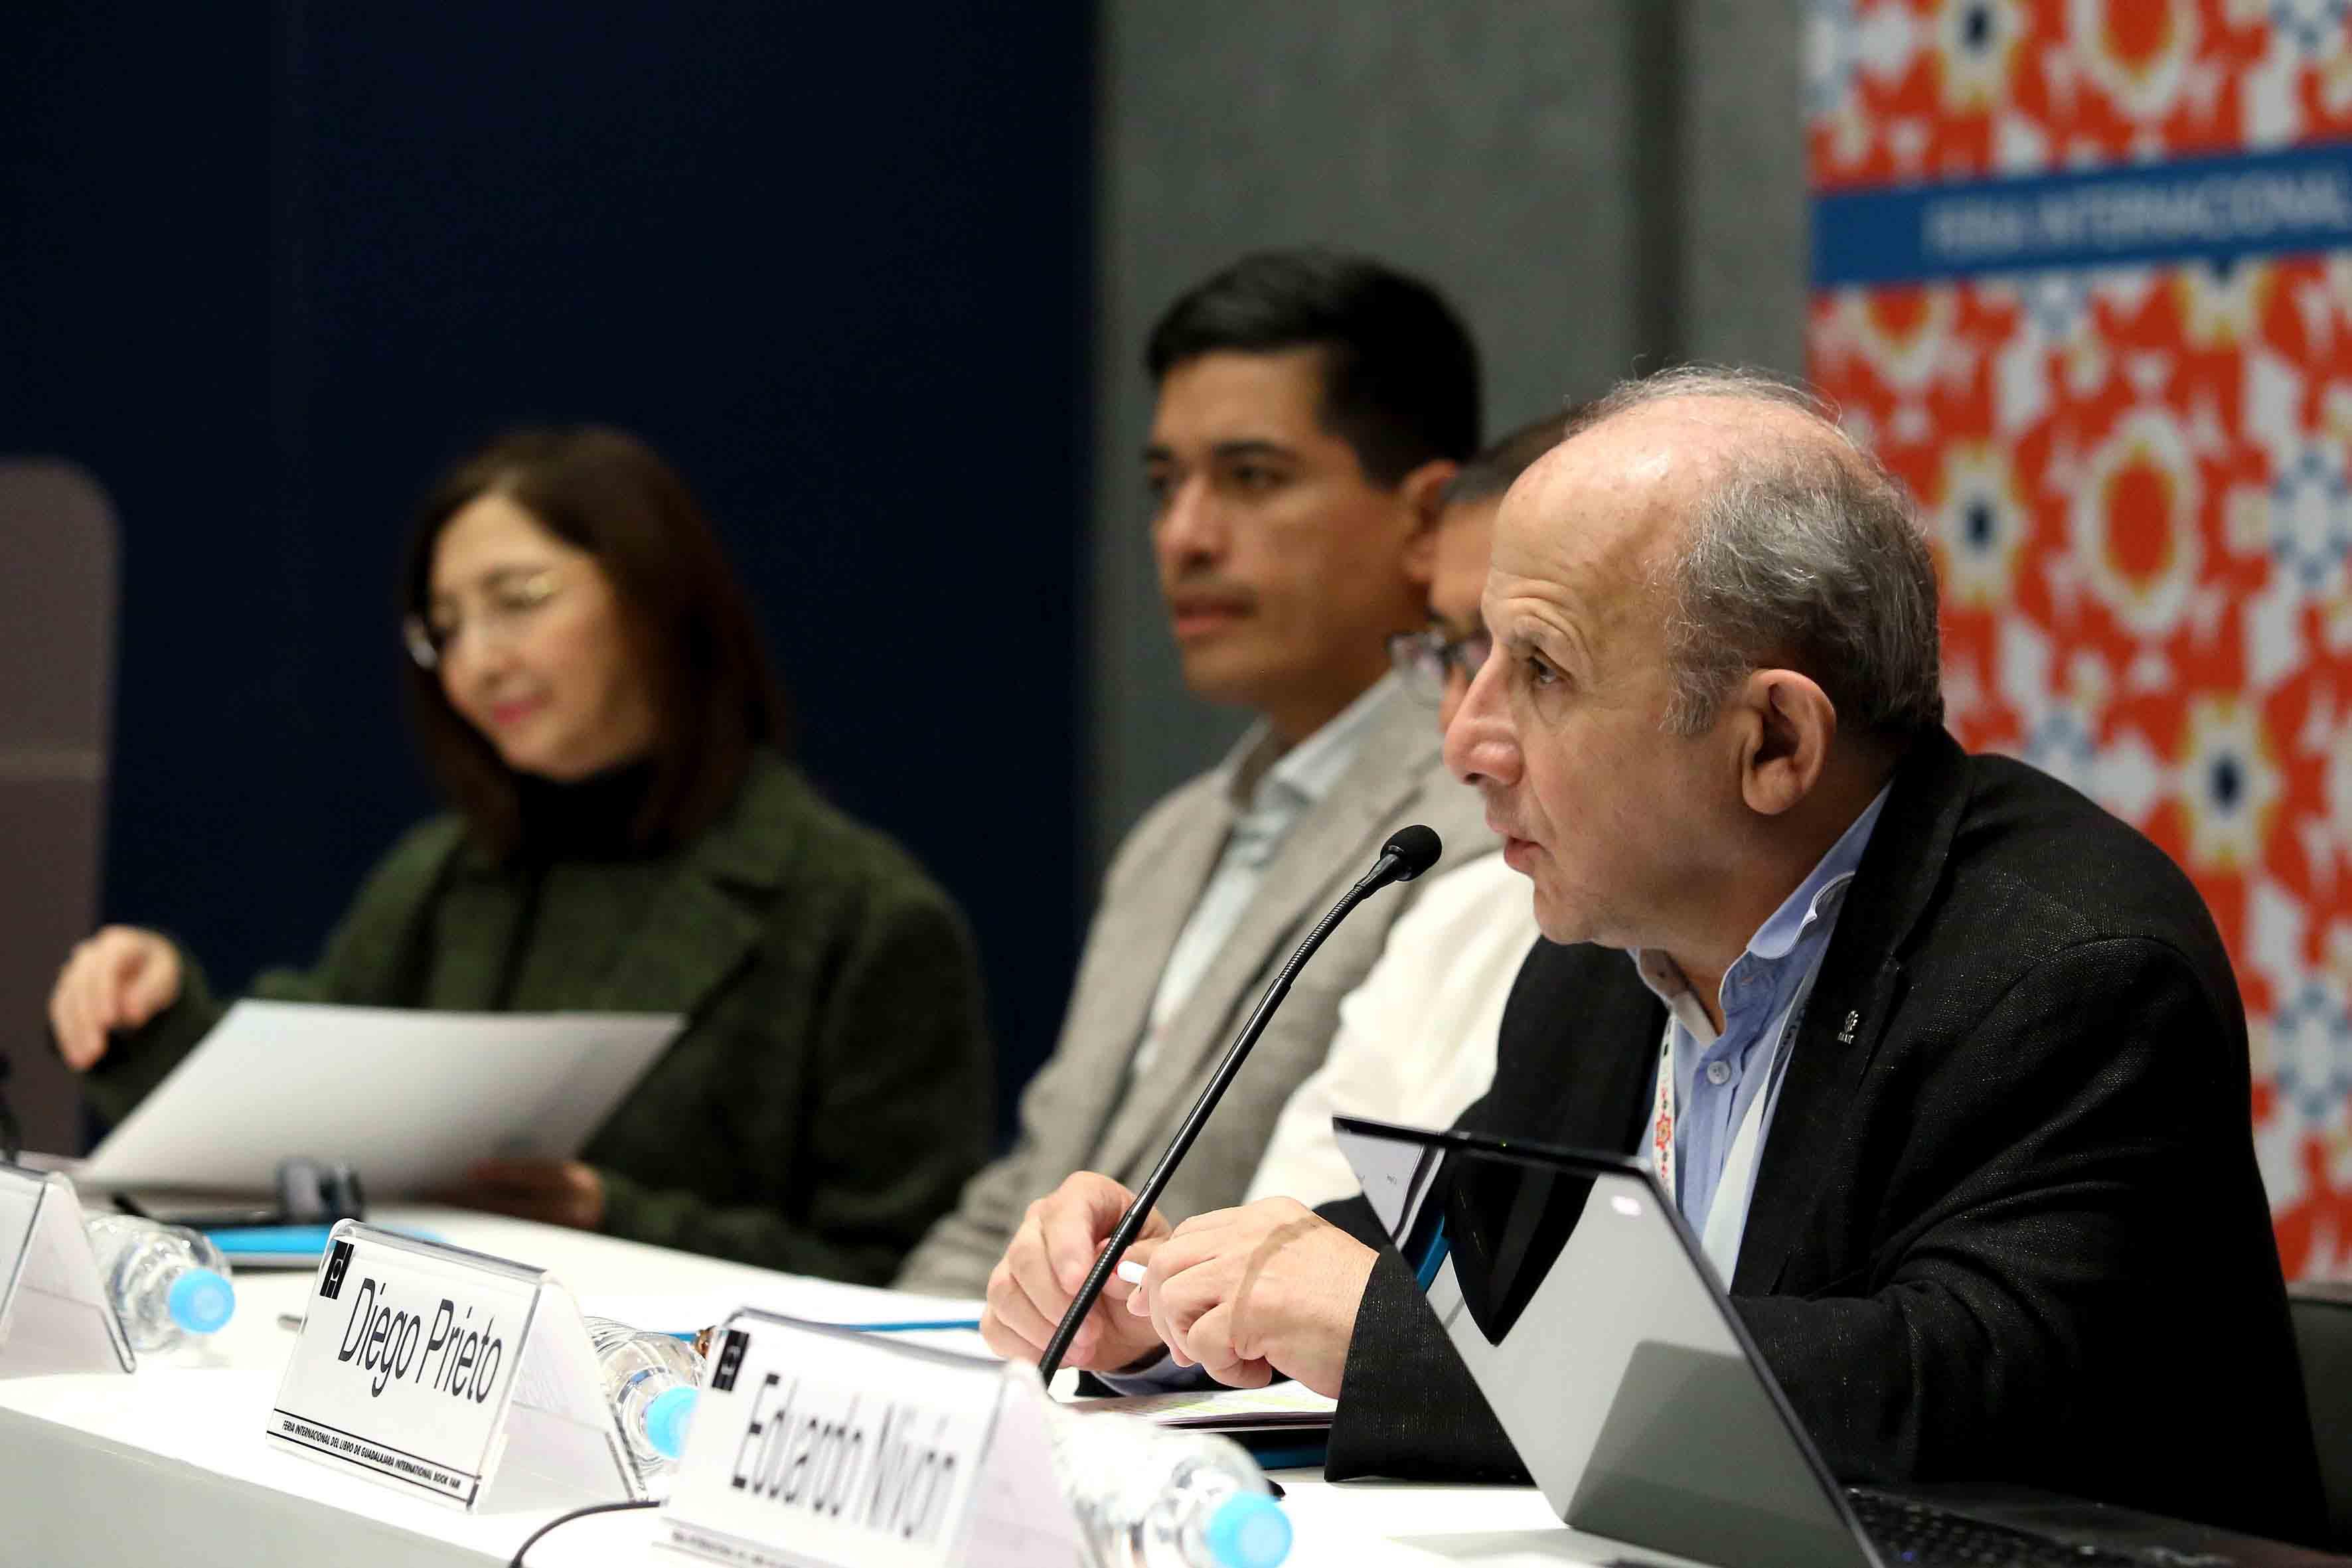 Antropólogo Diego Prieto Hernández, Profesor universitario y autor de diversas publicaciones, frente al micrófono.